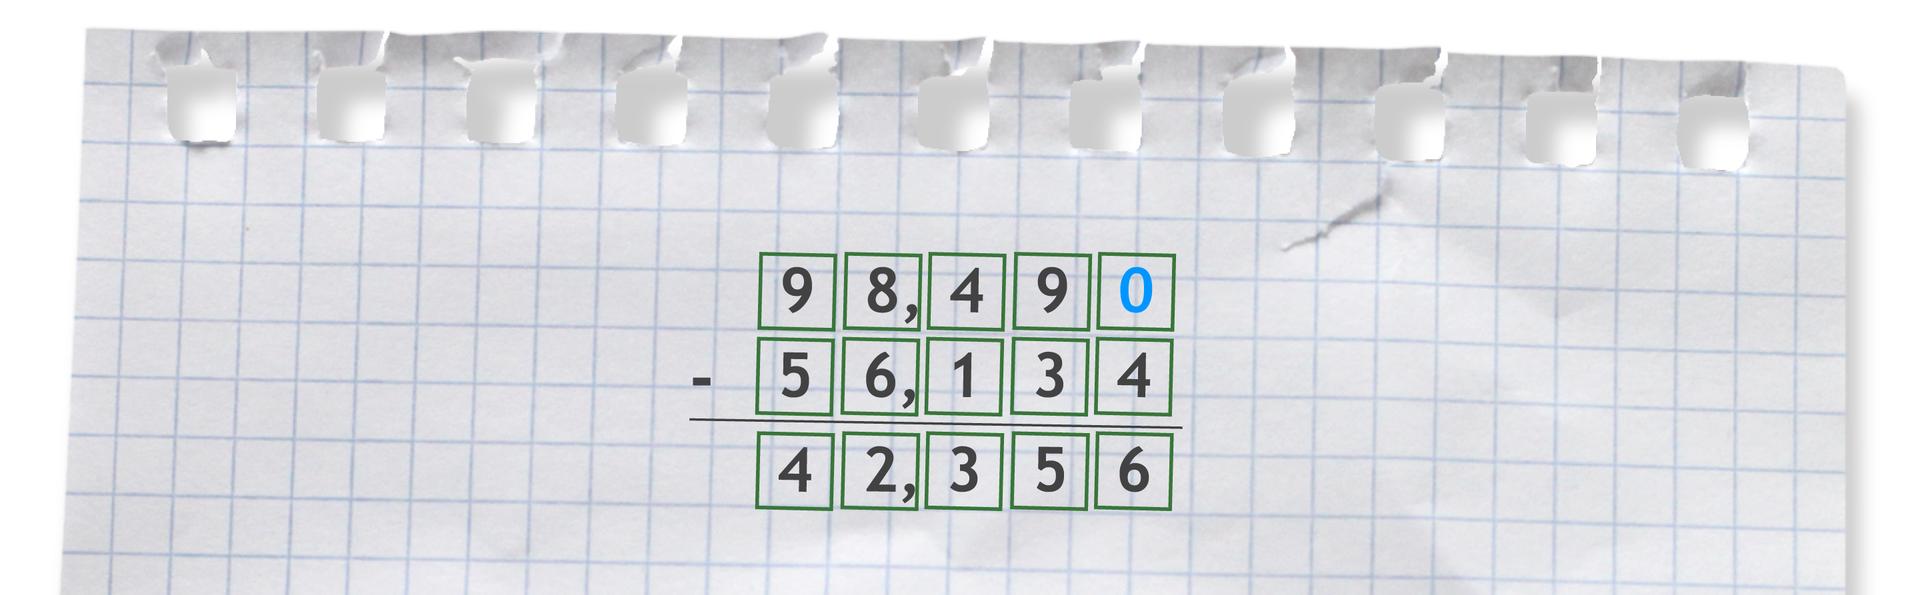 Przykład odejmowania sposobem pisemnym: 98,49 -56,134 =42,356. Odejmując te liczby należy dopisać 0 na końcu liczby 98,49. Otrzymamy zapis: 98,490 -56,134 =42,356.